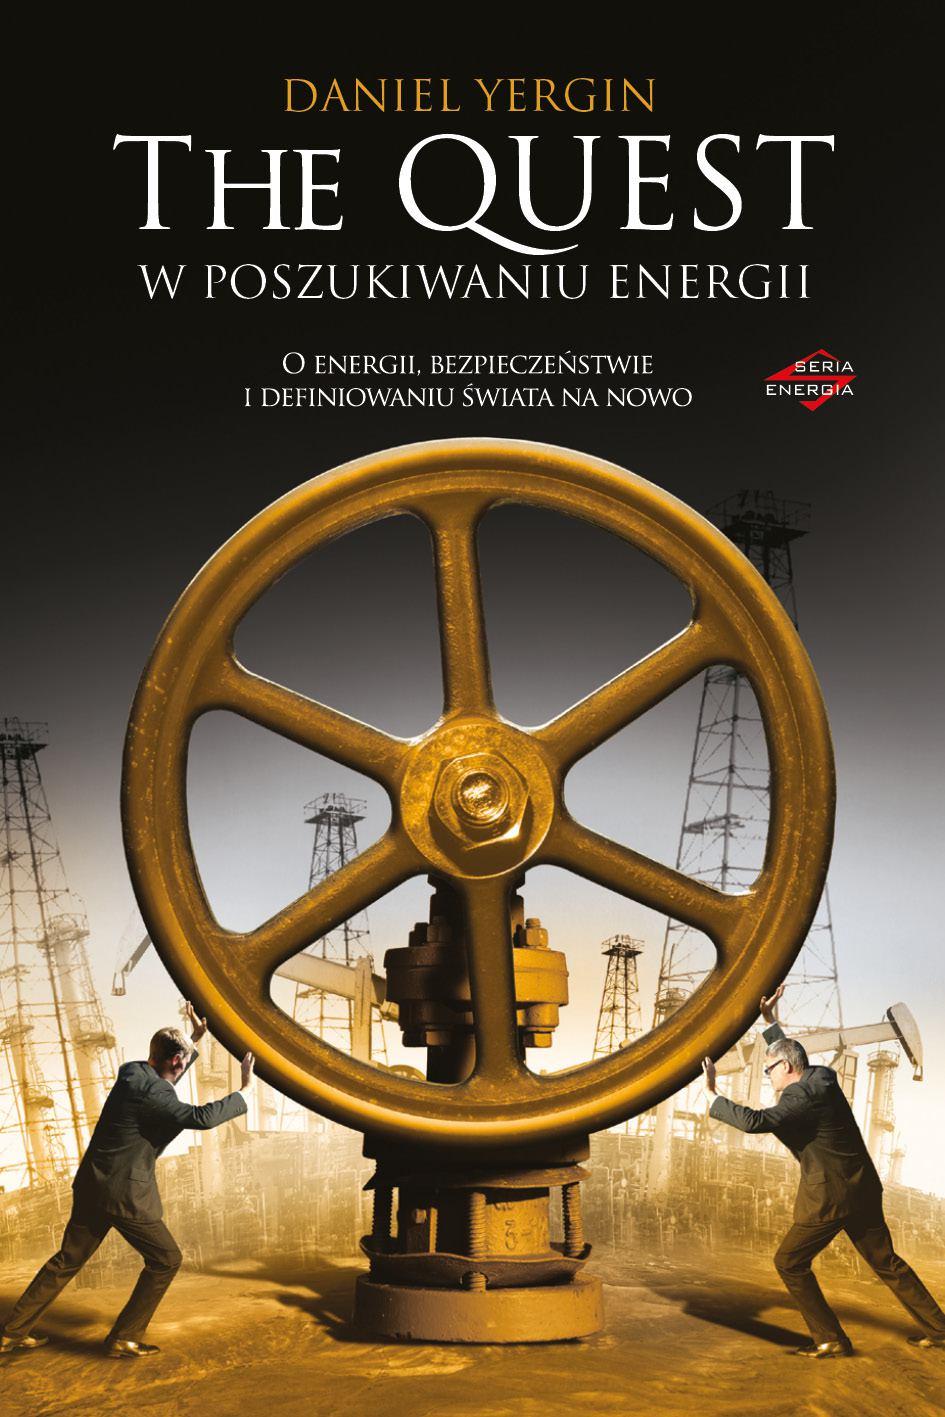 The Quest. W poszukiwaniu energii - Ebook (Książka EPUB) do pobrania w formacie EPUB